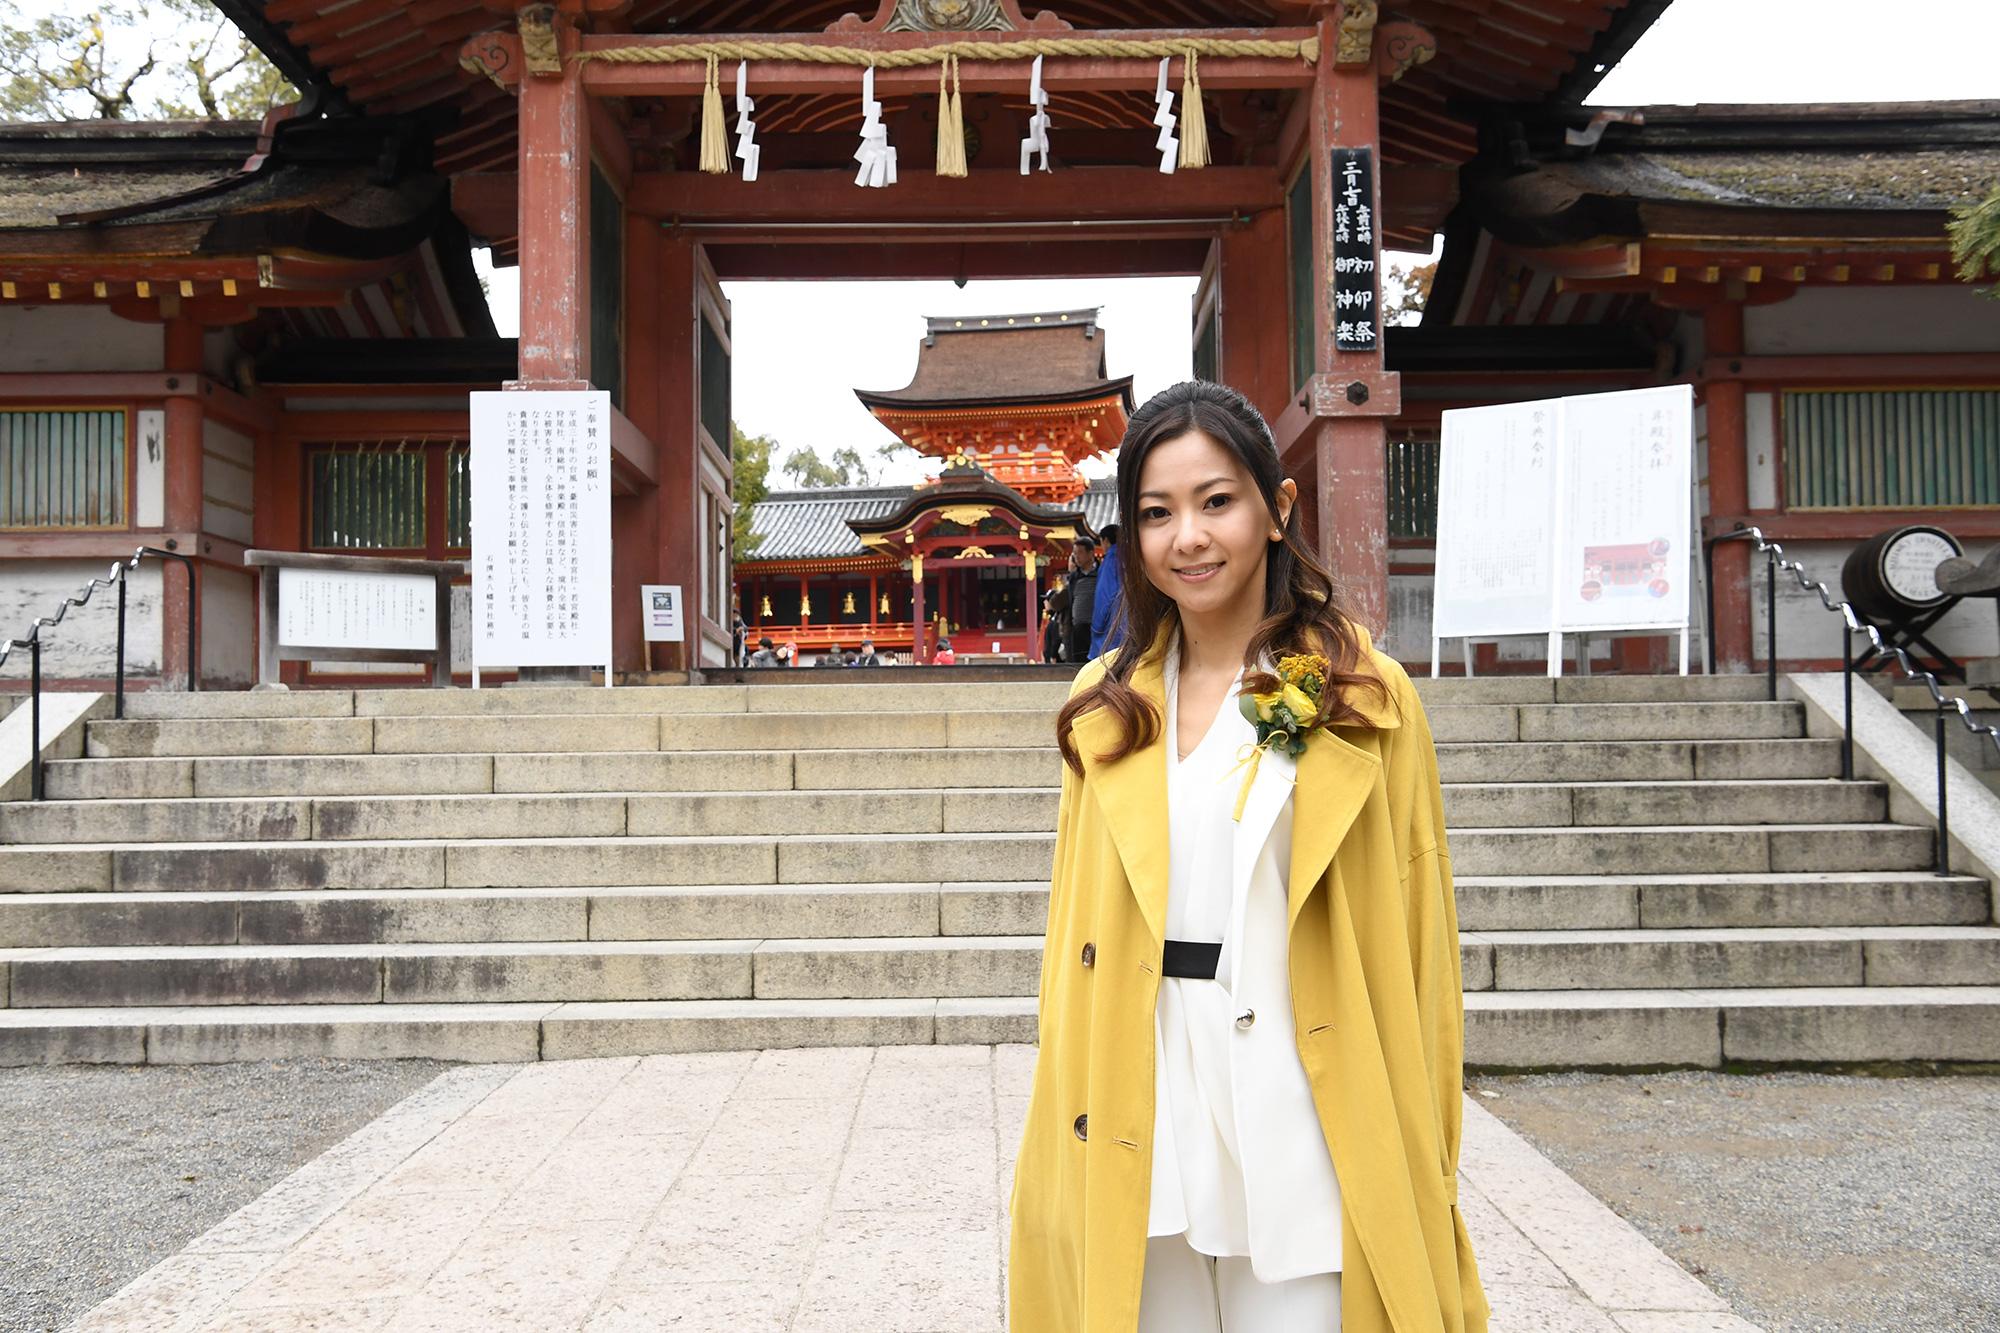 【開催レポート】HAPPY WOMAN FESTA KYOTO 2019|石清水八幡宮